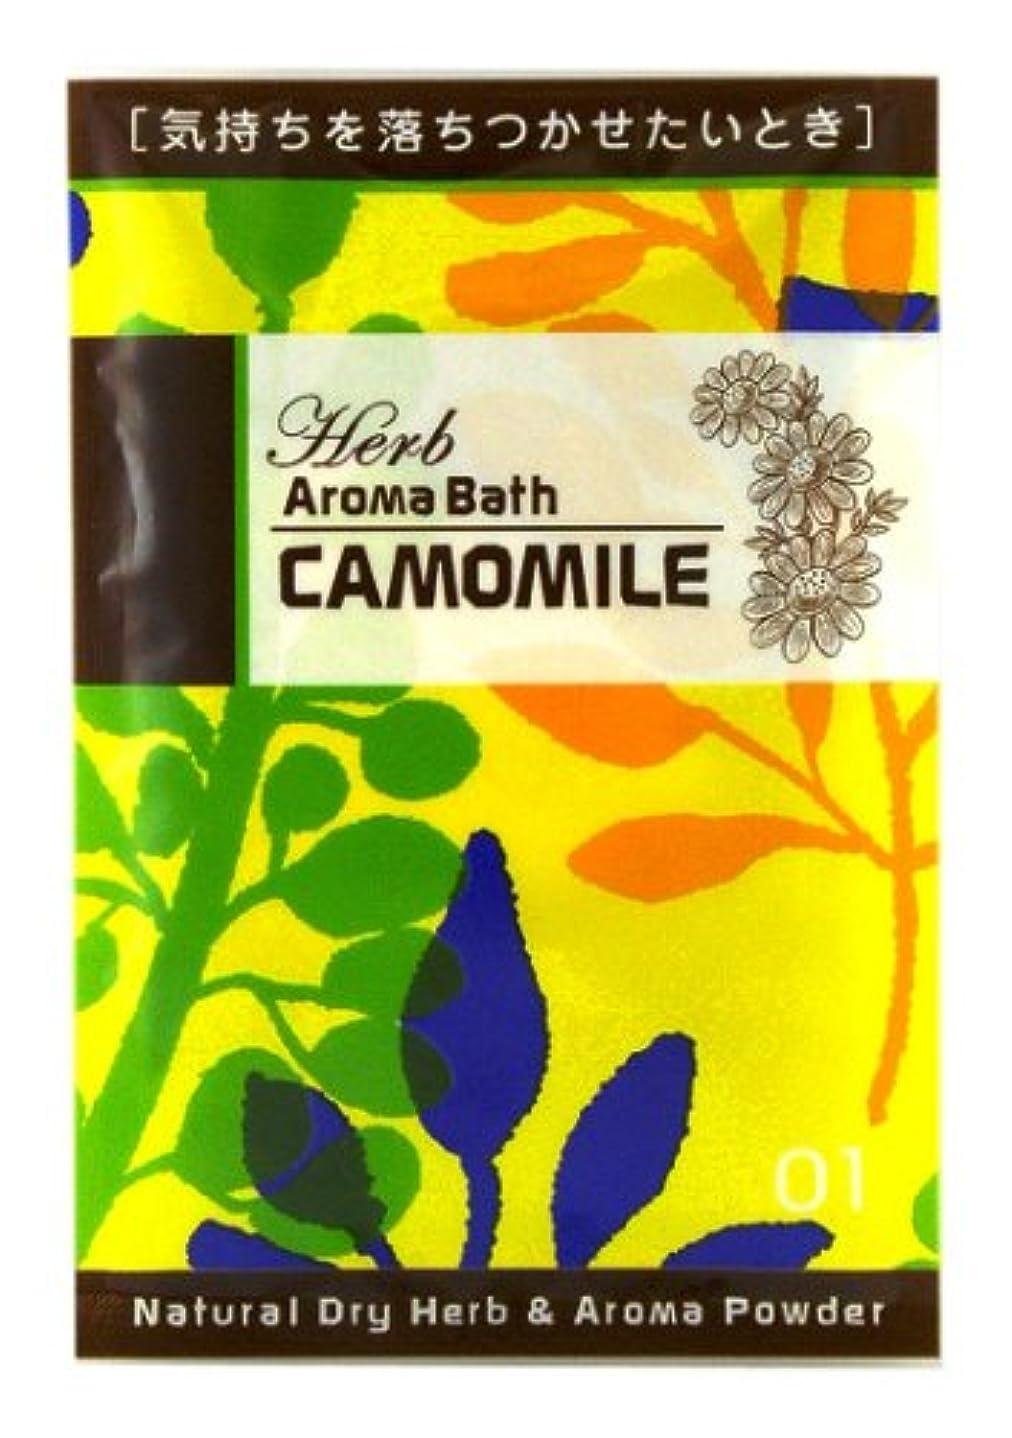 何でもガード火山のハーブアロマバス カモミール 12g